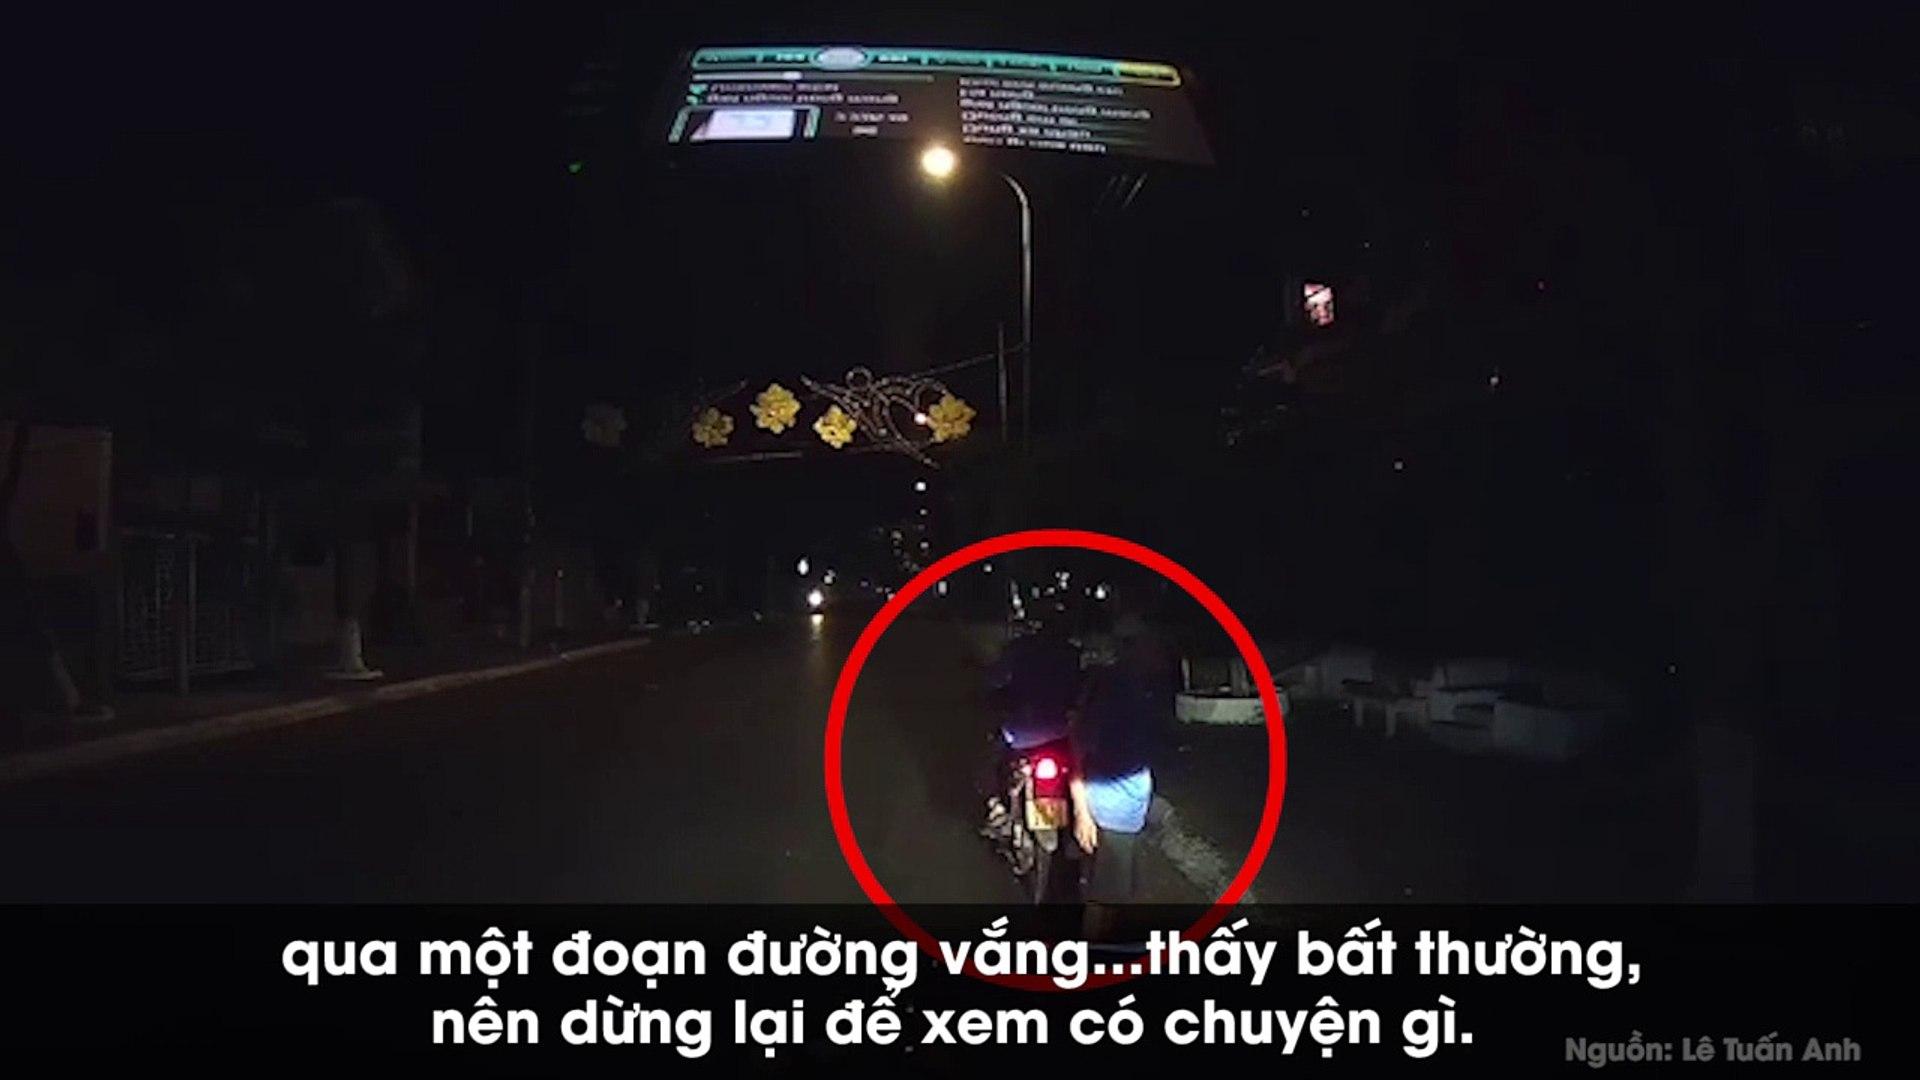 Chồng nghệ sĩ Hồng Vân cứu bé gái 11 tuổi bán vé số bị kẻ xấu dụ dỗ 'hút' cộng đồng mạng